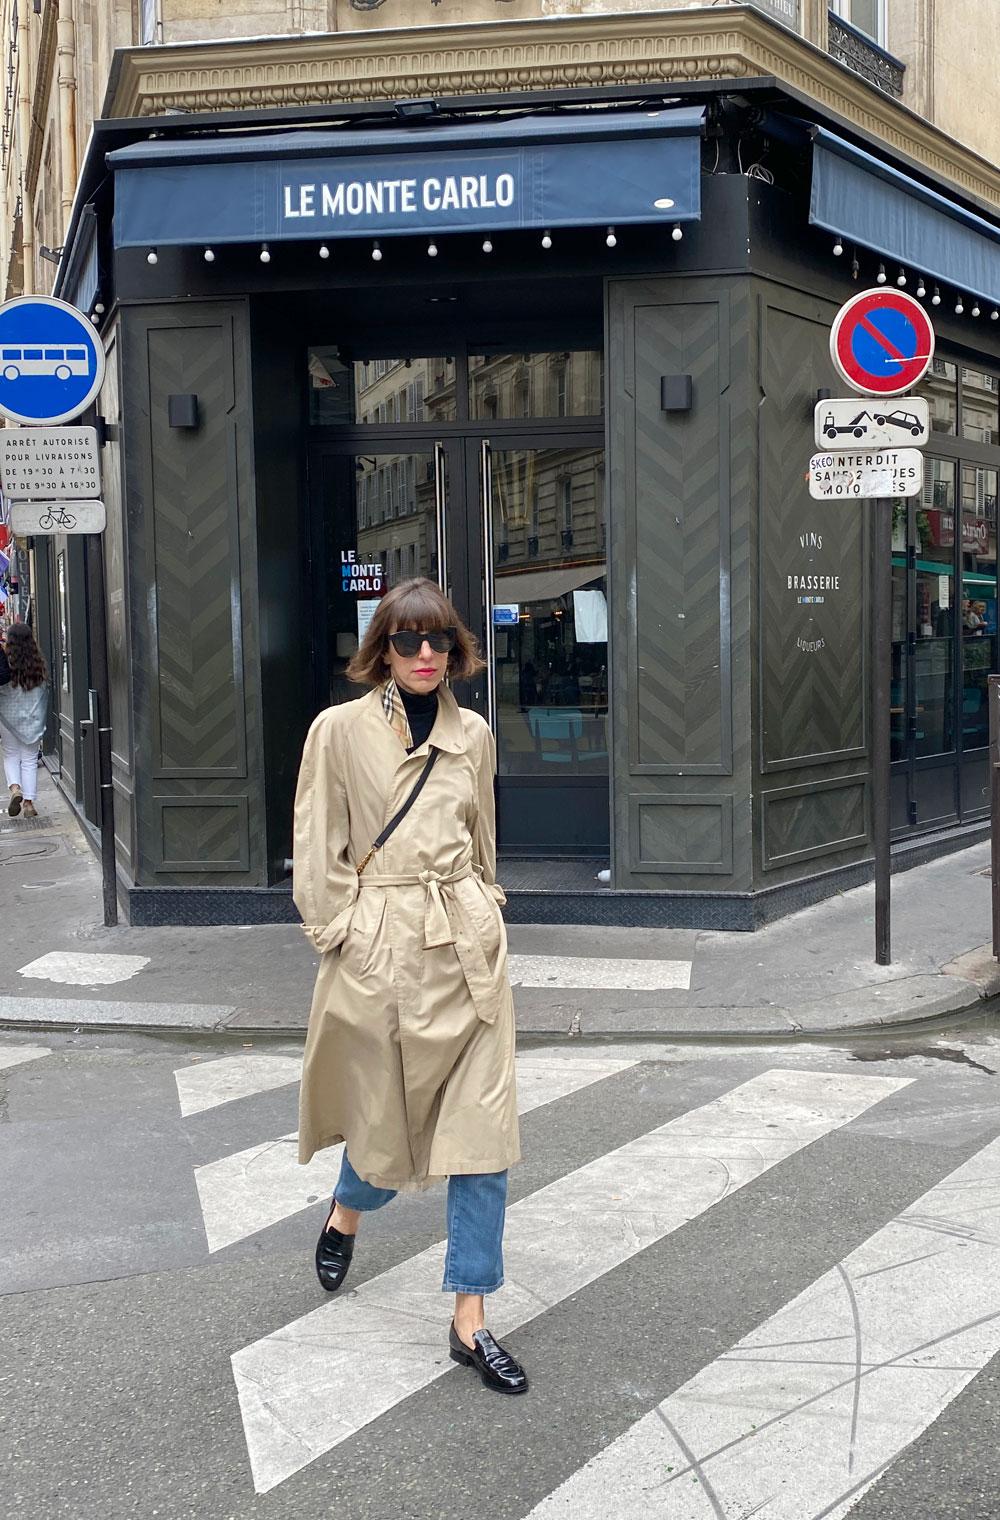 sonrisa reiste nach Paris, um den verhüllten Arc de Triomphe zu sehen und machte dabei eine Beauty-Entdeckung.